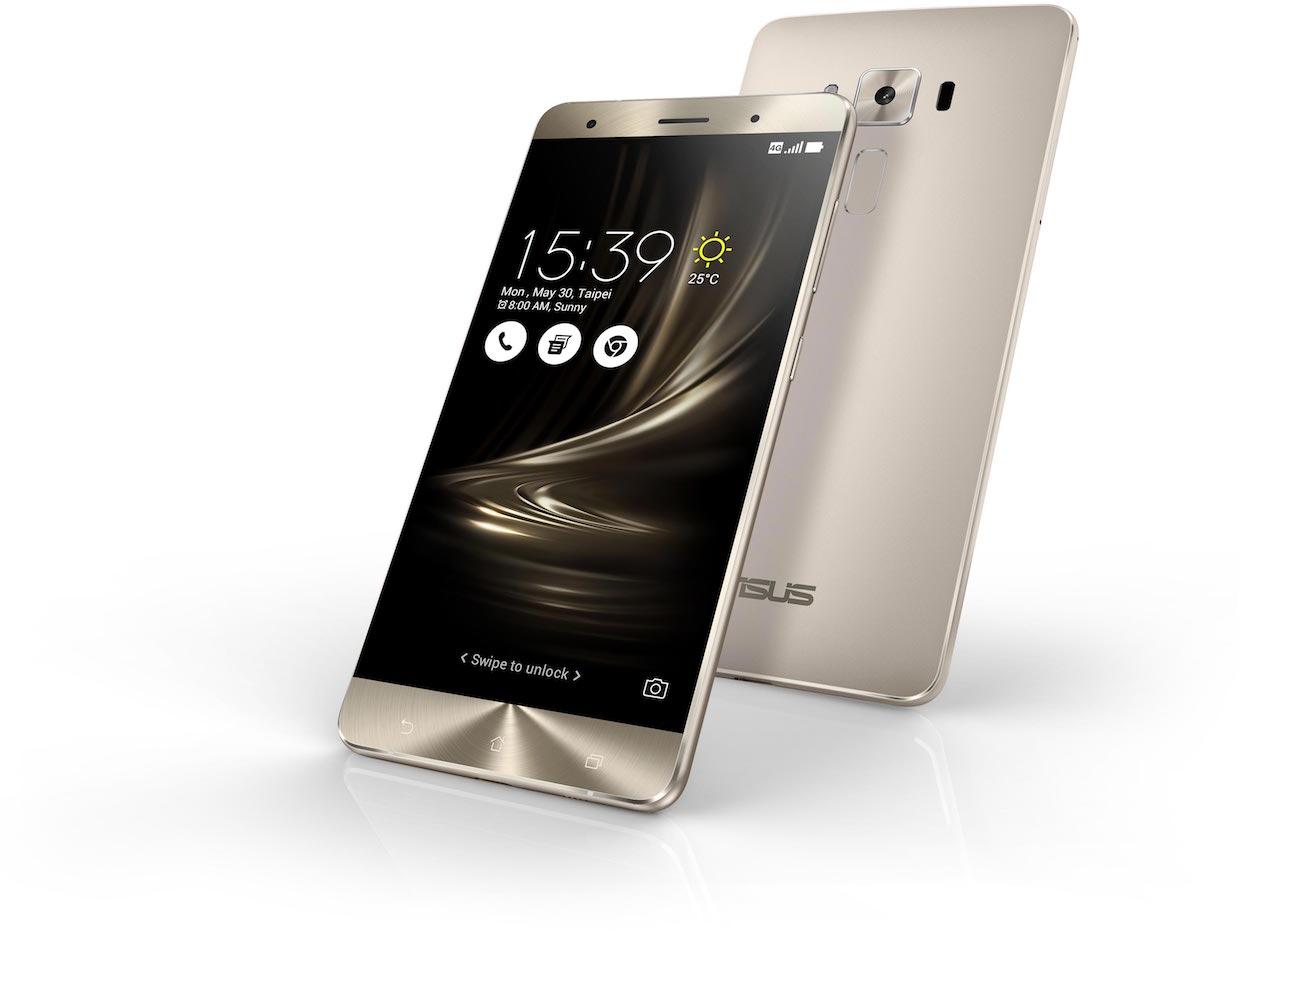 ASUS ZenFone 3 Deluxe Smartphone